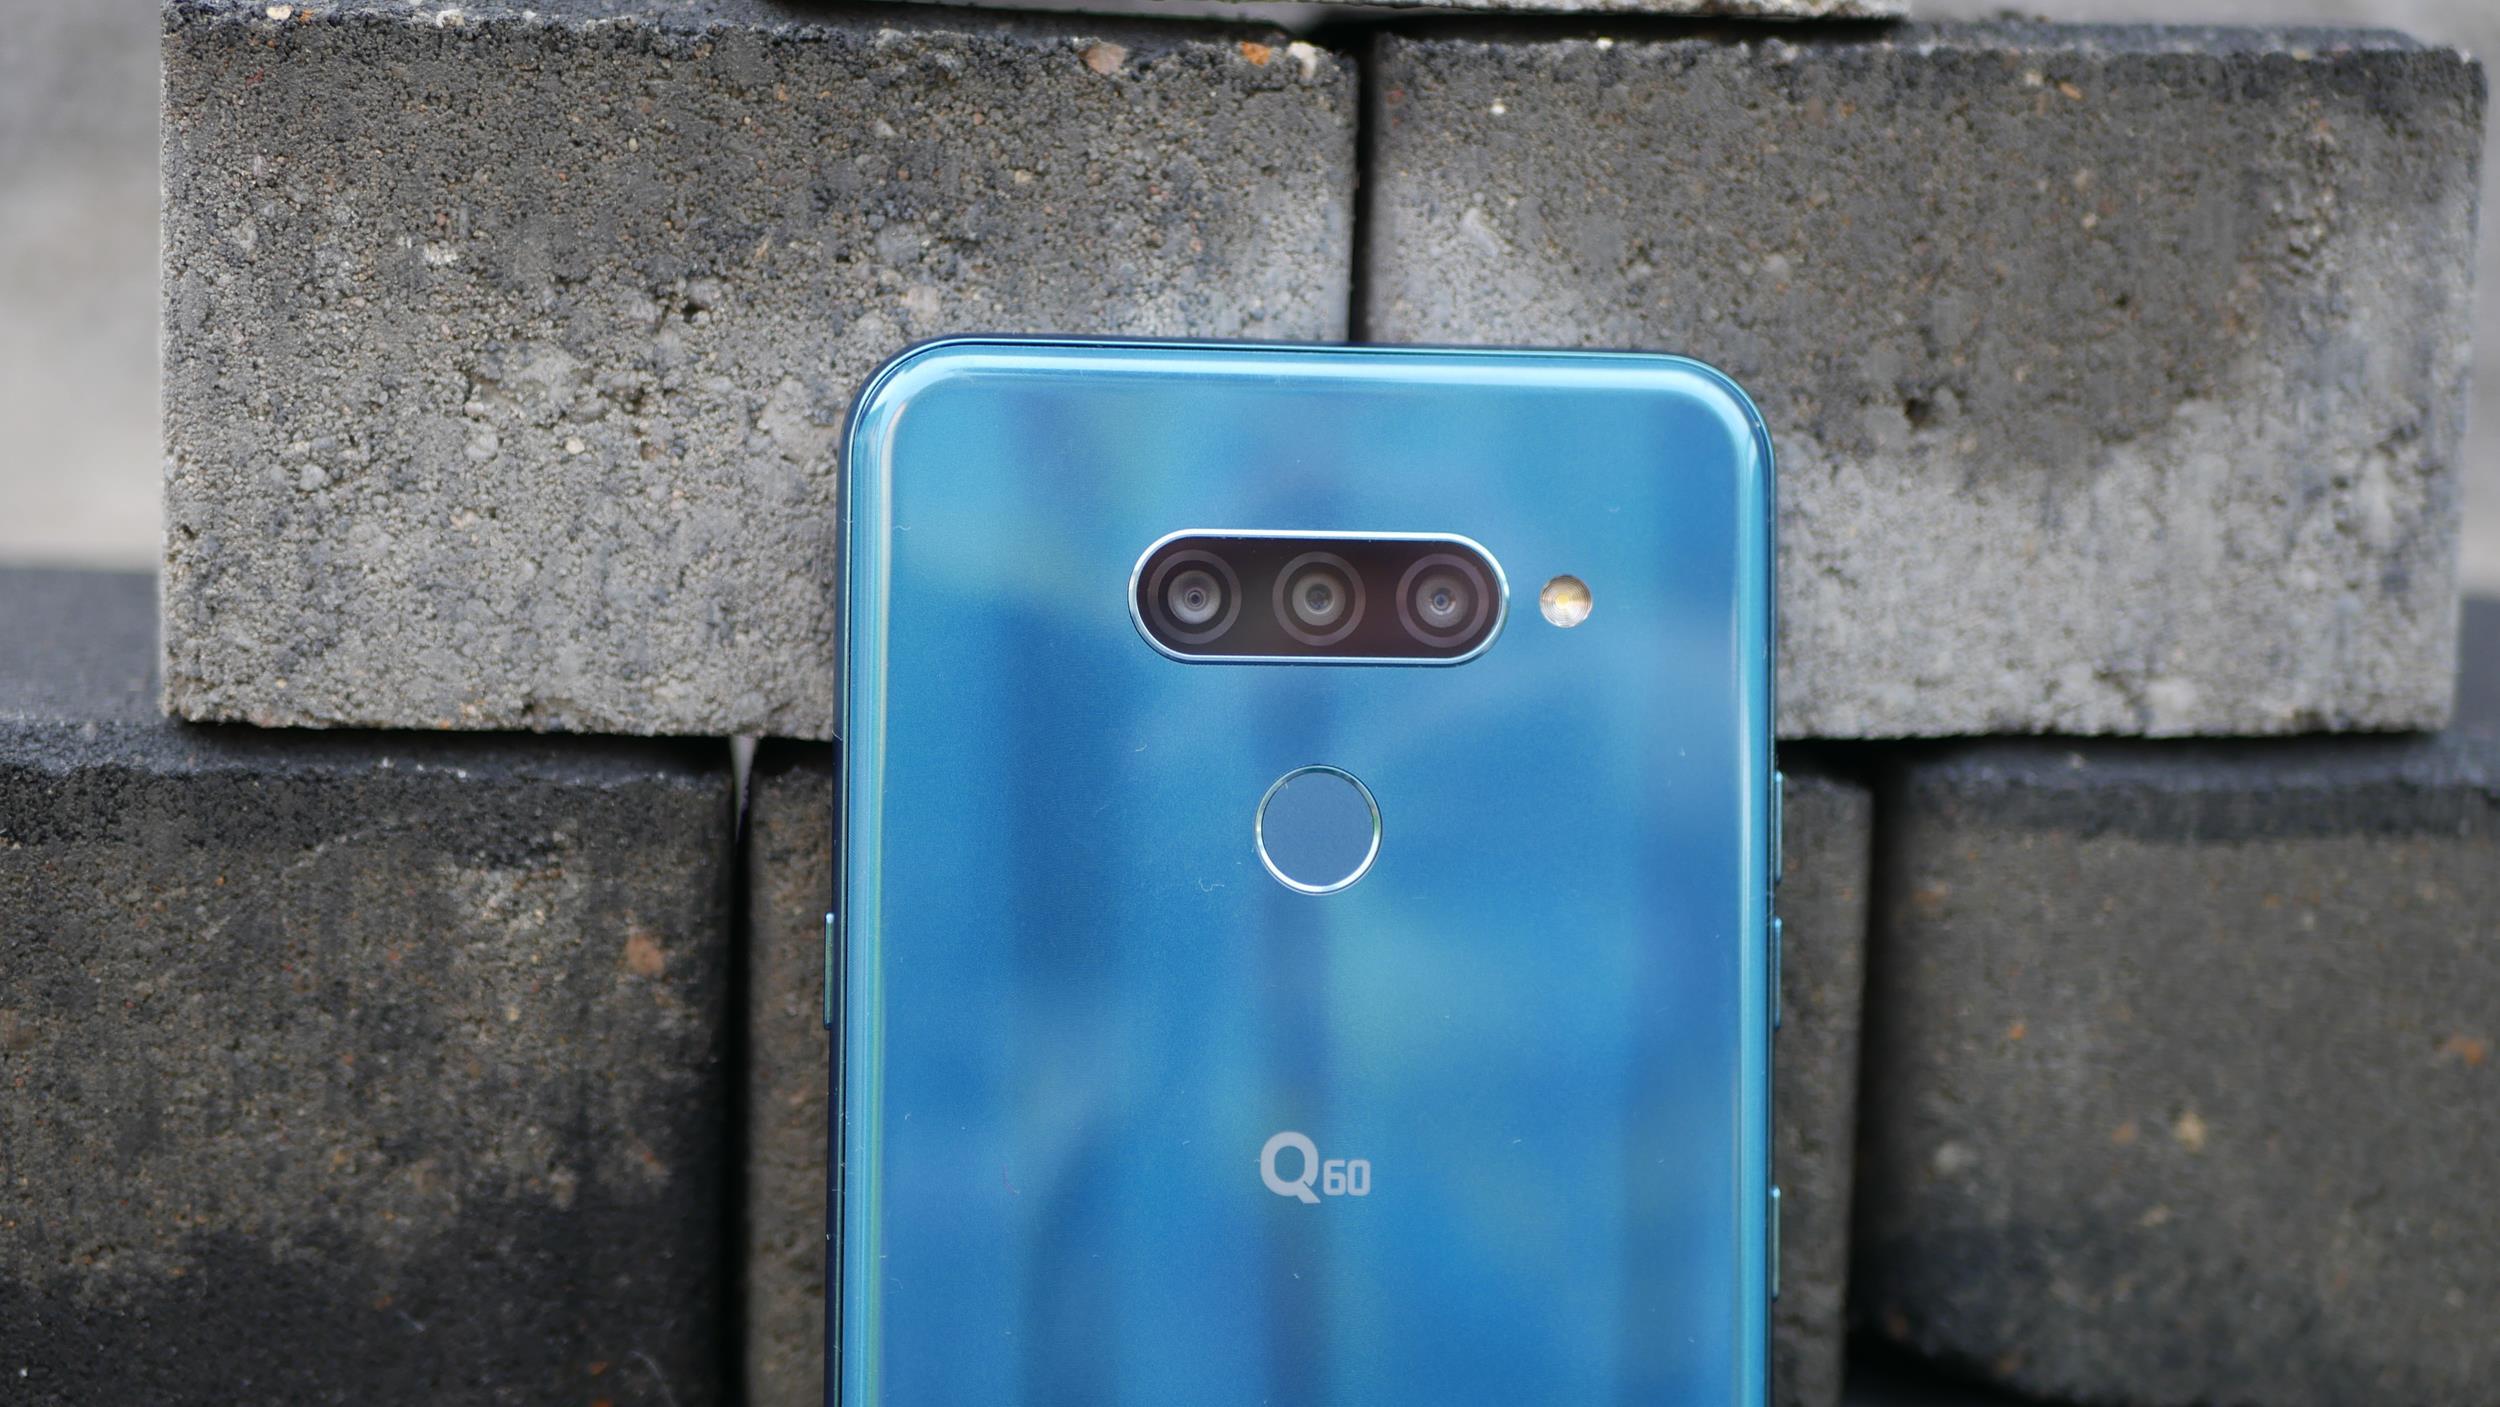 Recenzja LG Q60 - średniaka z niedoróbkami i zbyt wysoką ceną 22